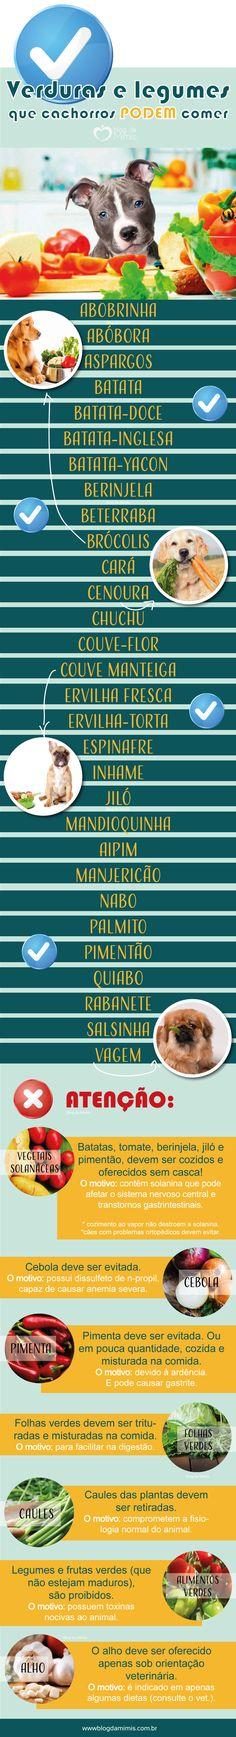 Verduras e legumes bons para cachorro - Blog da Mimis #blogdamimis #verduras #legumes #cachorro #dog #cão #cachorro #alimentação